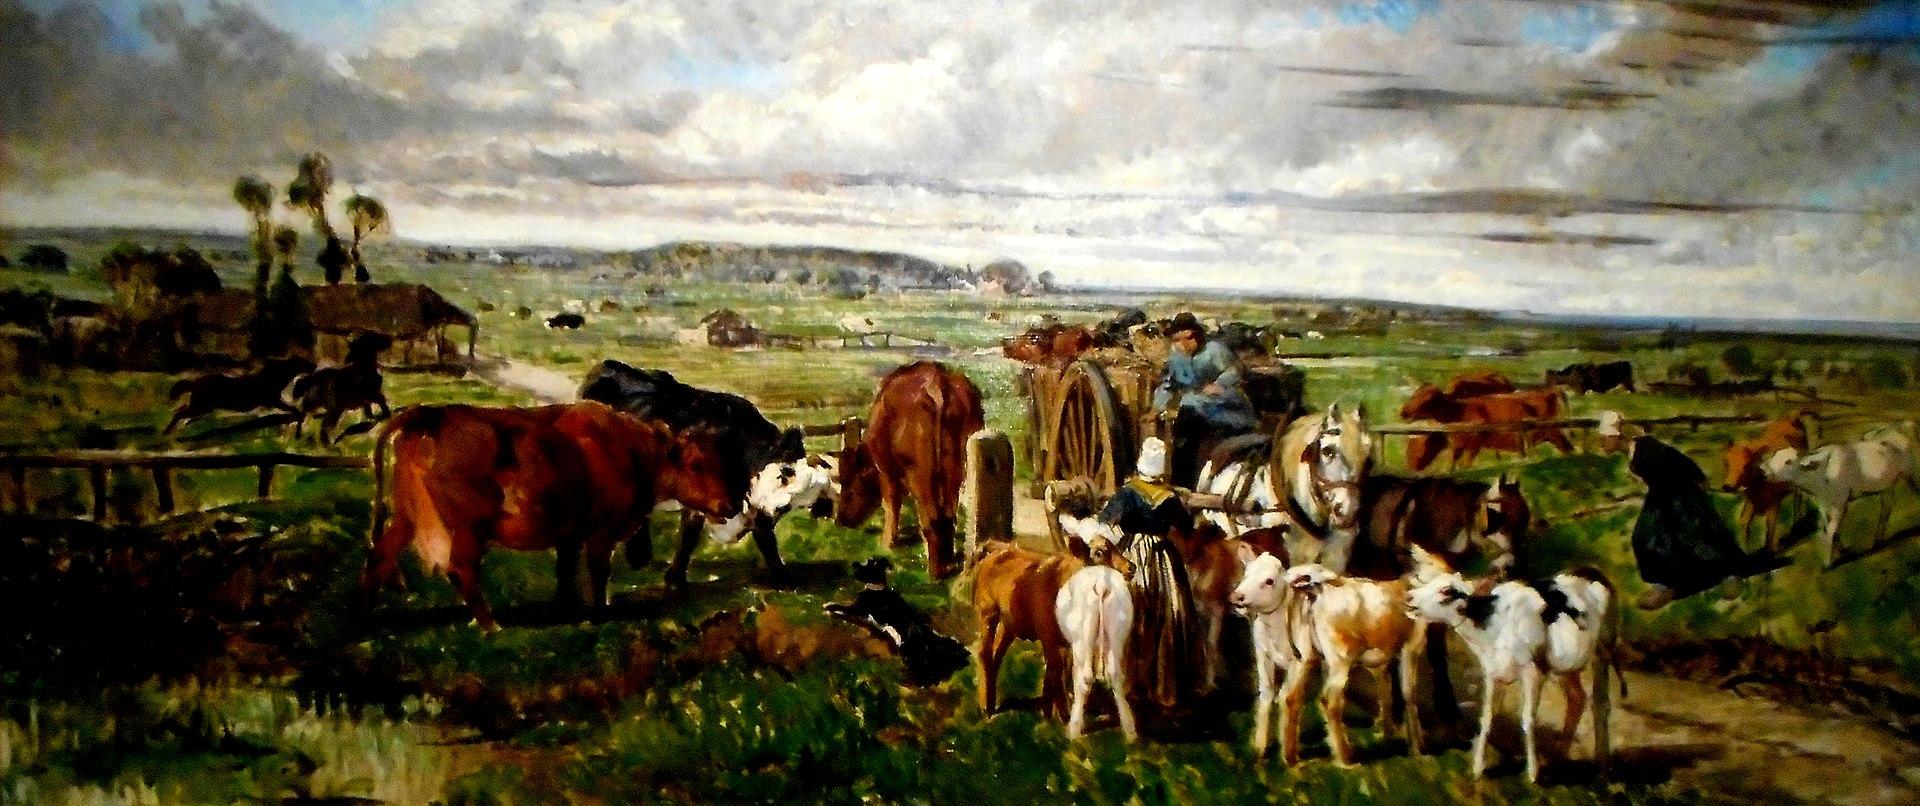 La traite des veaux dans la Vallée de la Touque, Normandie (1859) by Giuseppe Palizzi.jpg